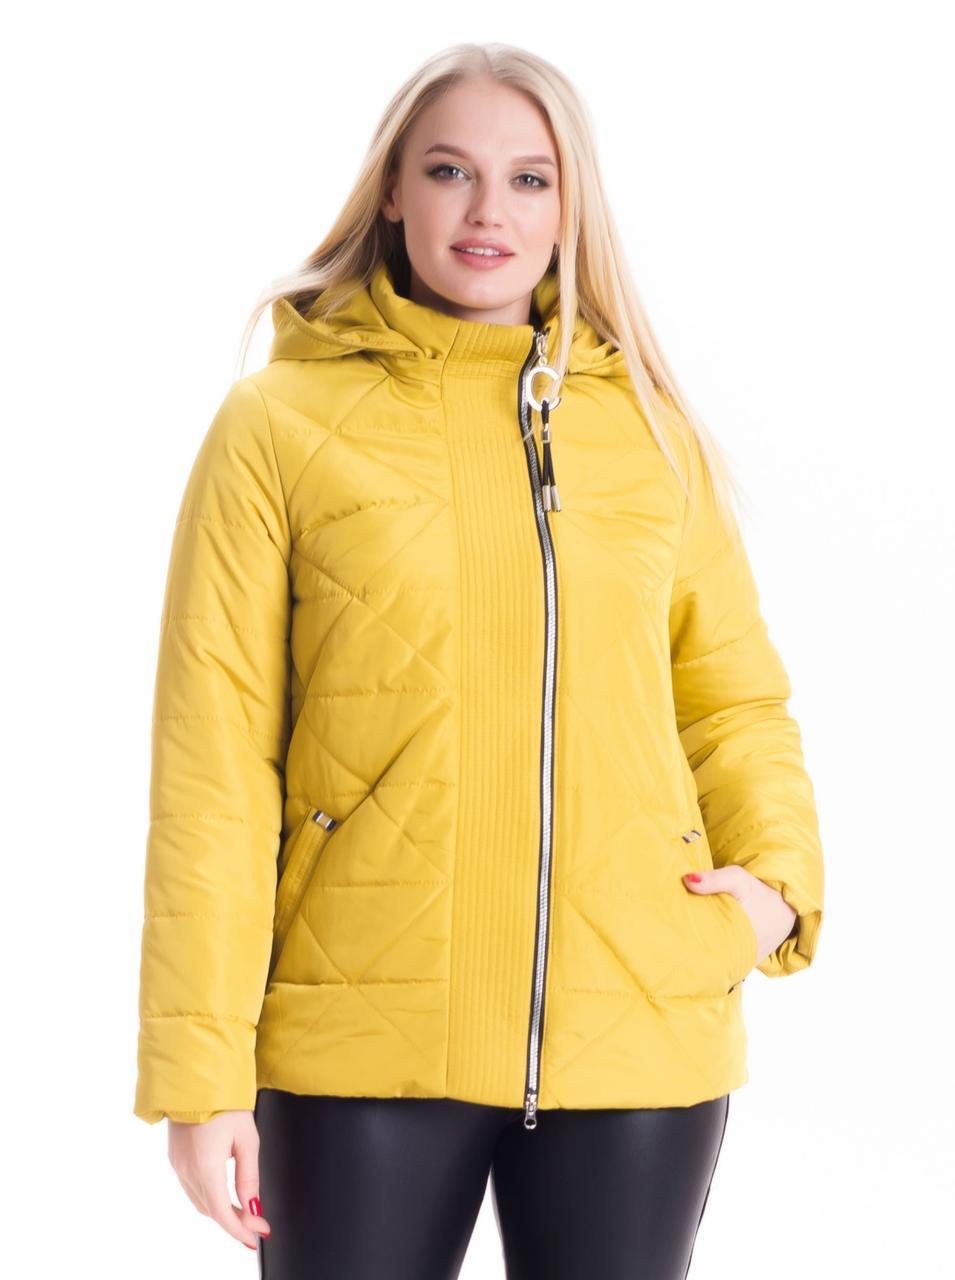 Женская стильная куртка песочного цвета 46-66рр.